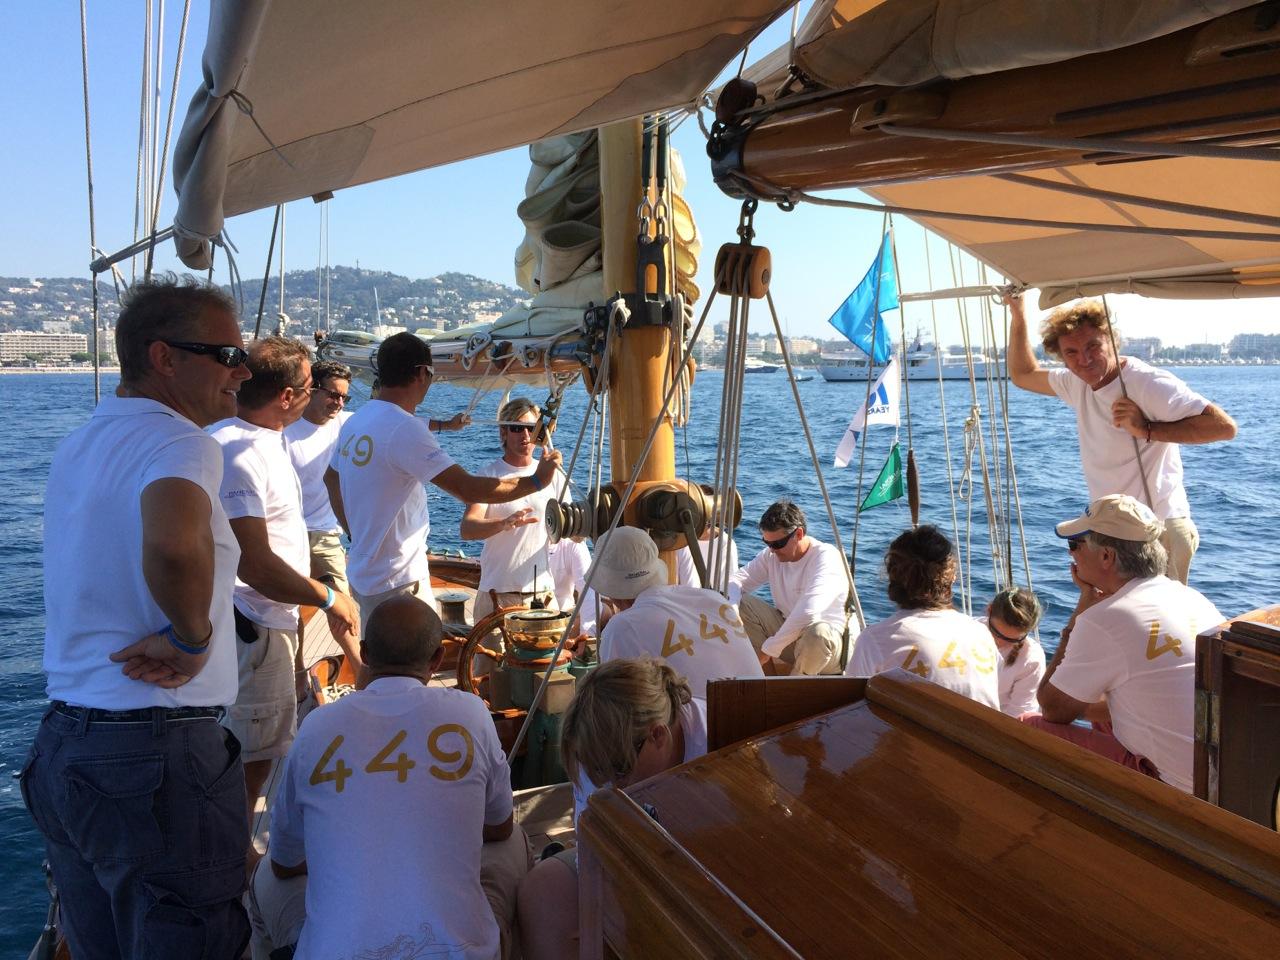 Antes de partirmos, o briefing de Andy, o capitão, à tripulação.